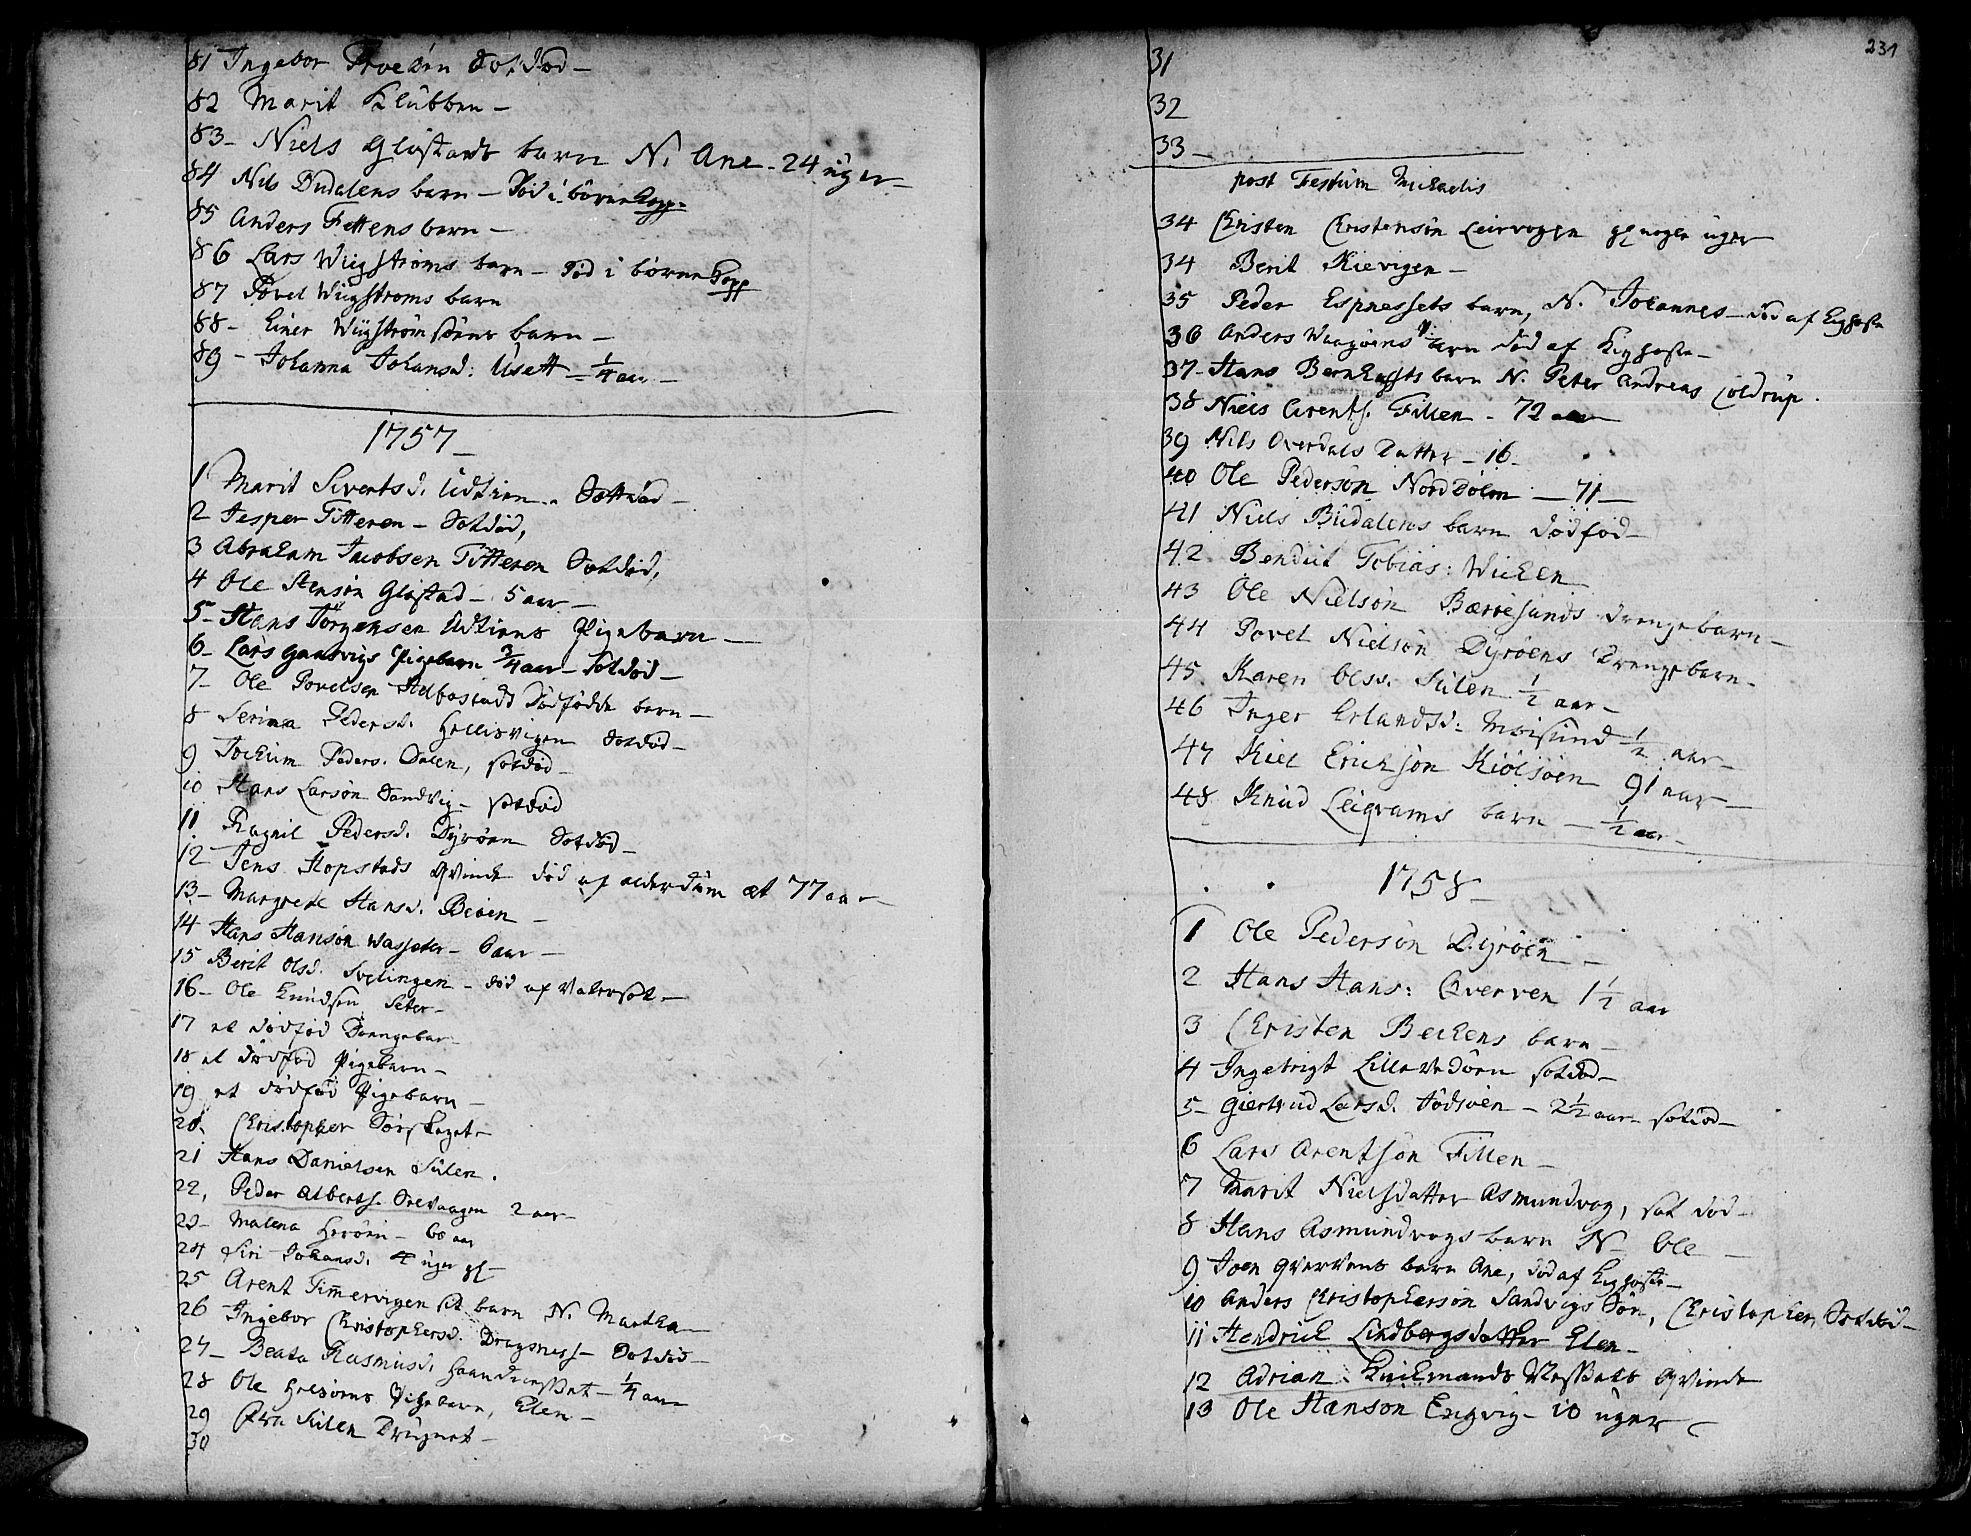 SAT, Ministerialprotokoller, klokkerbøker og fødselsregistre - Sør-Trøndelag, 634/L0525: Ministerialbok nr. 634A01, 1736-1775, s. 231